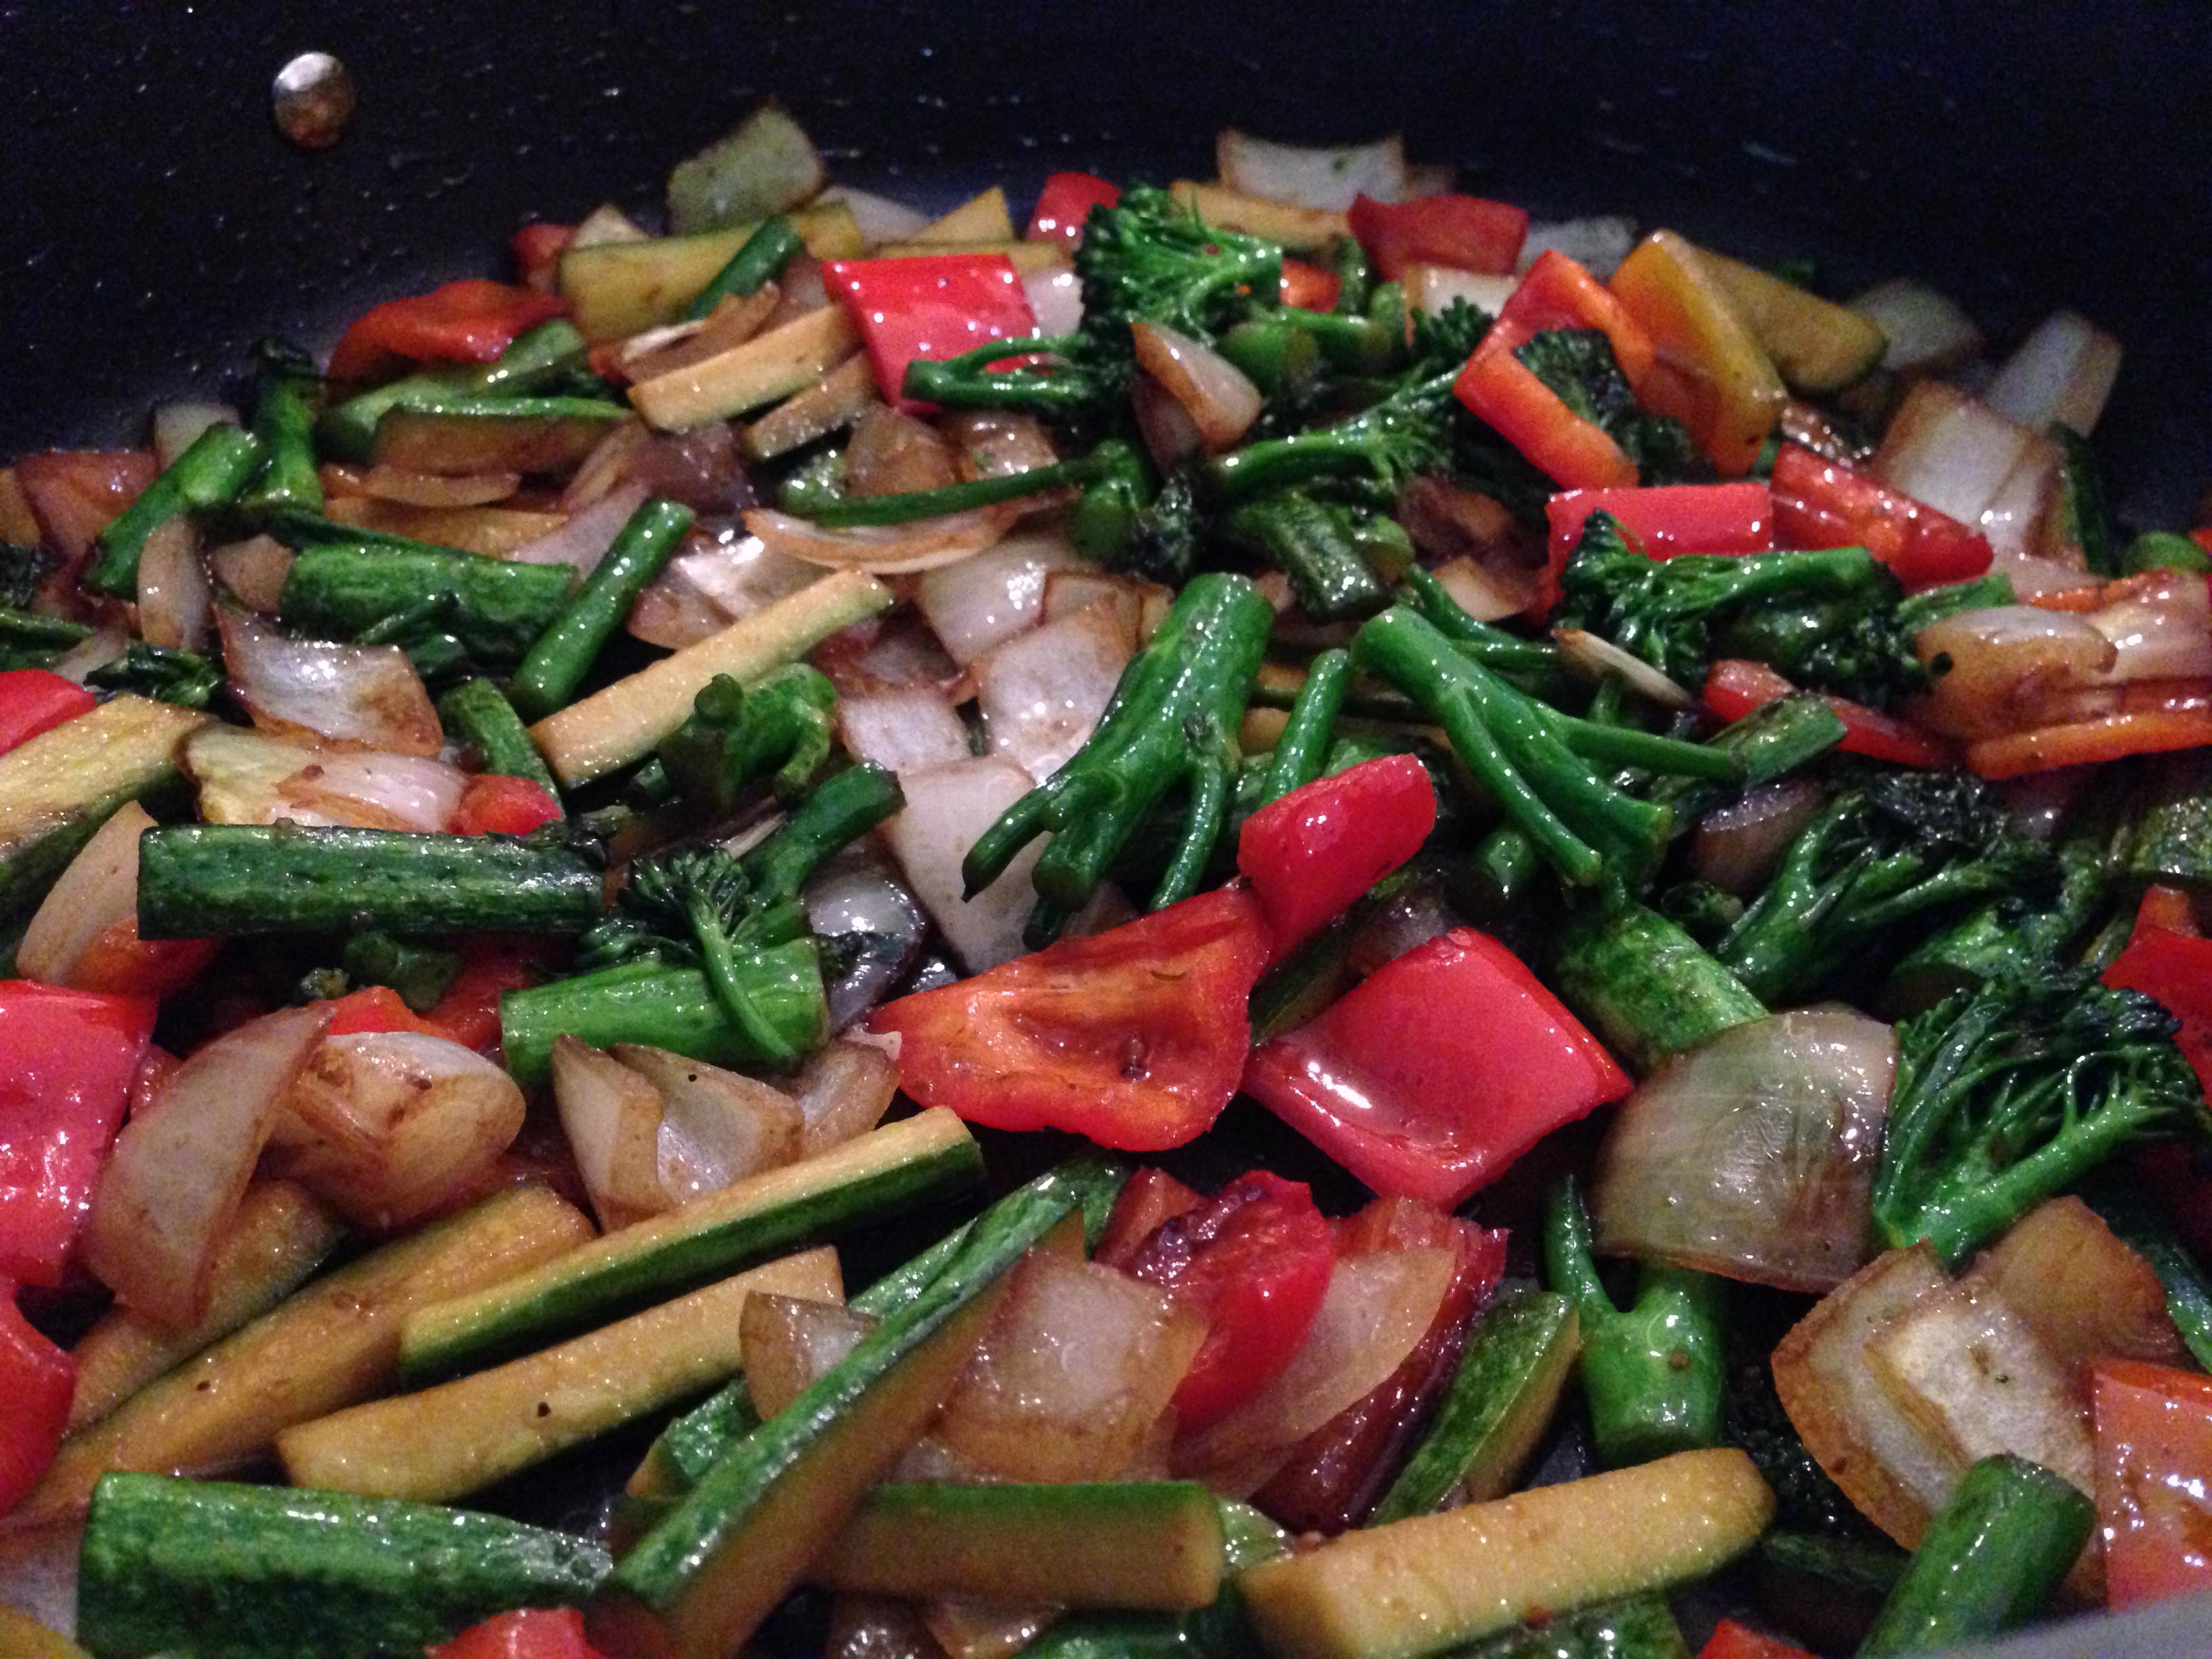 Simple Food Recipes 2 Ingredients Meals